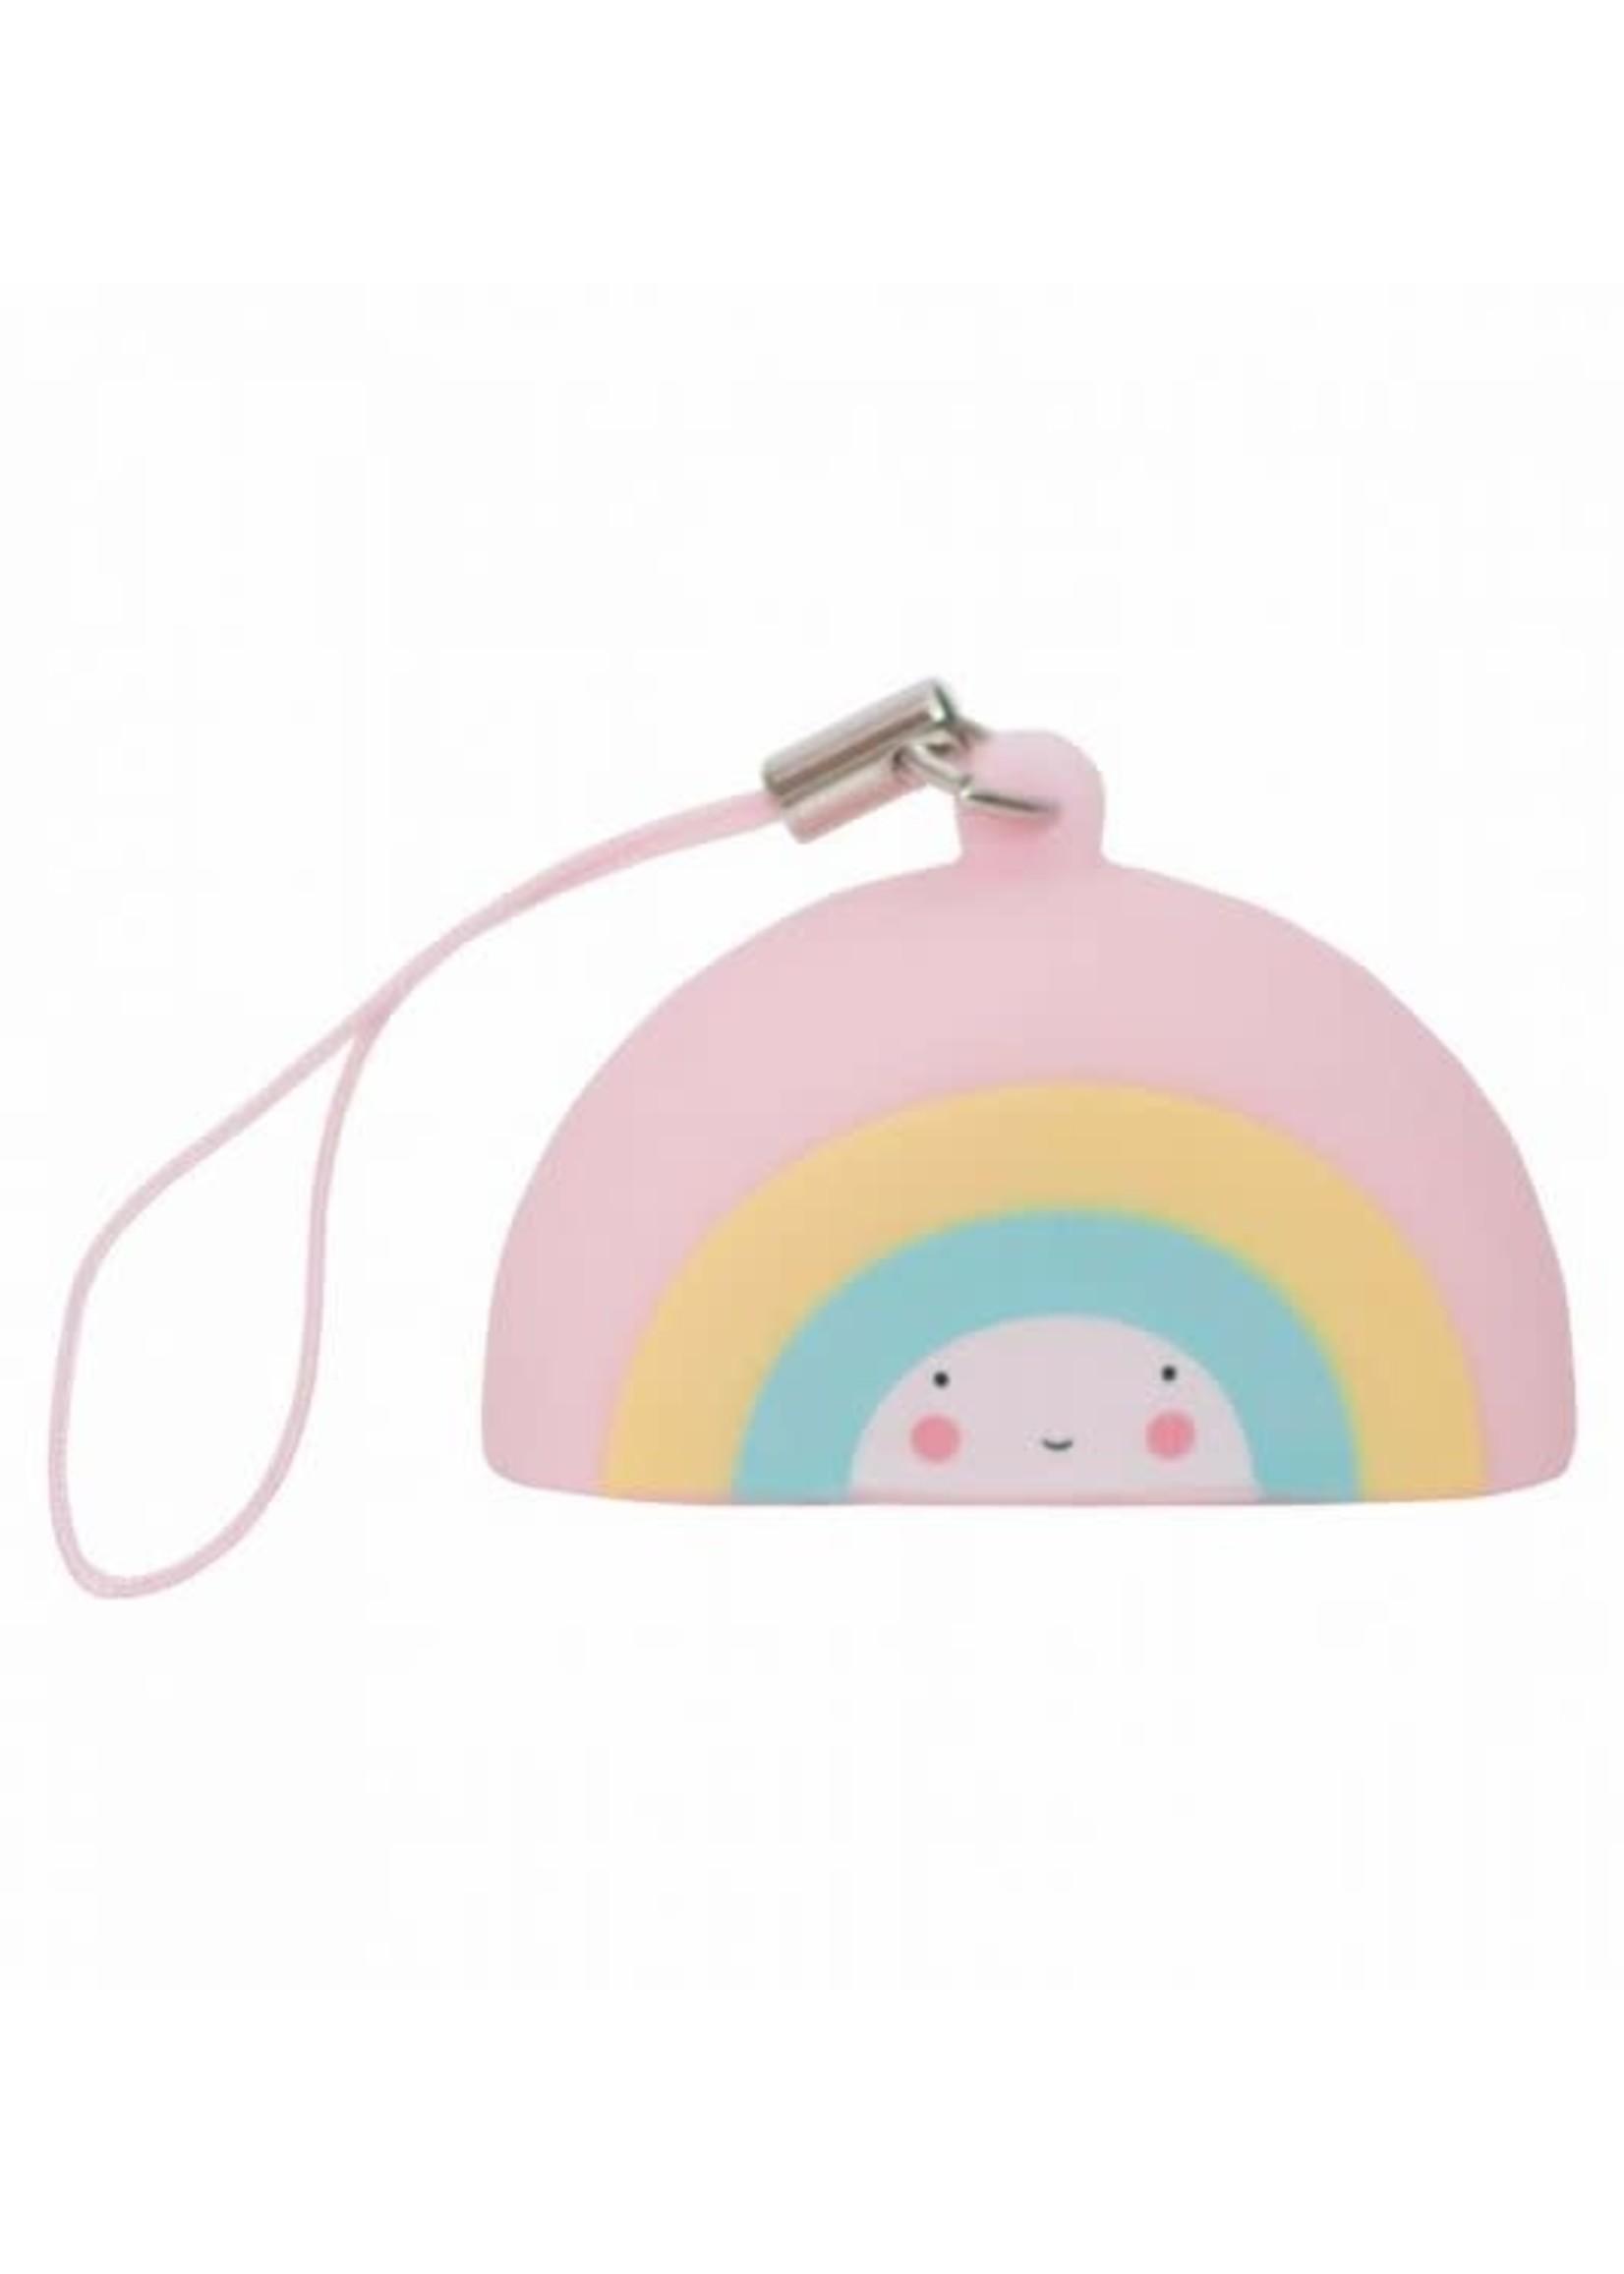 A Little Lovely Co. LLC Rainbow Charm